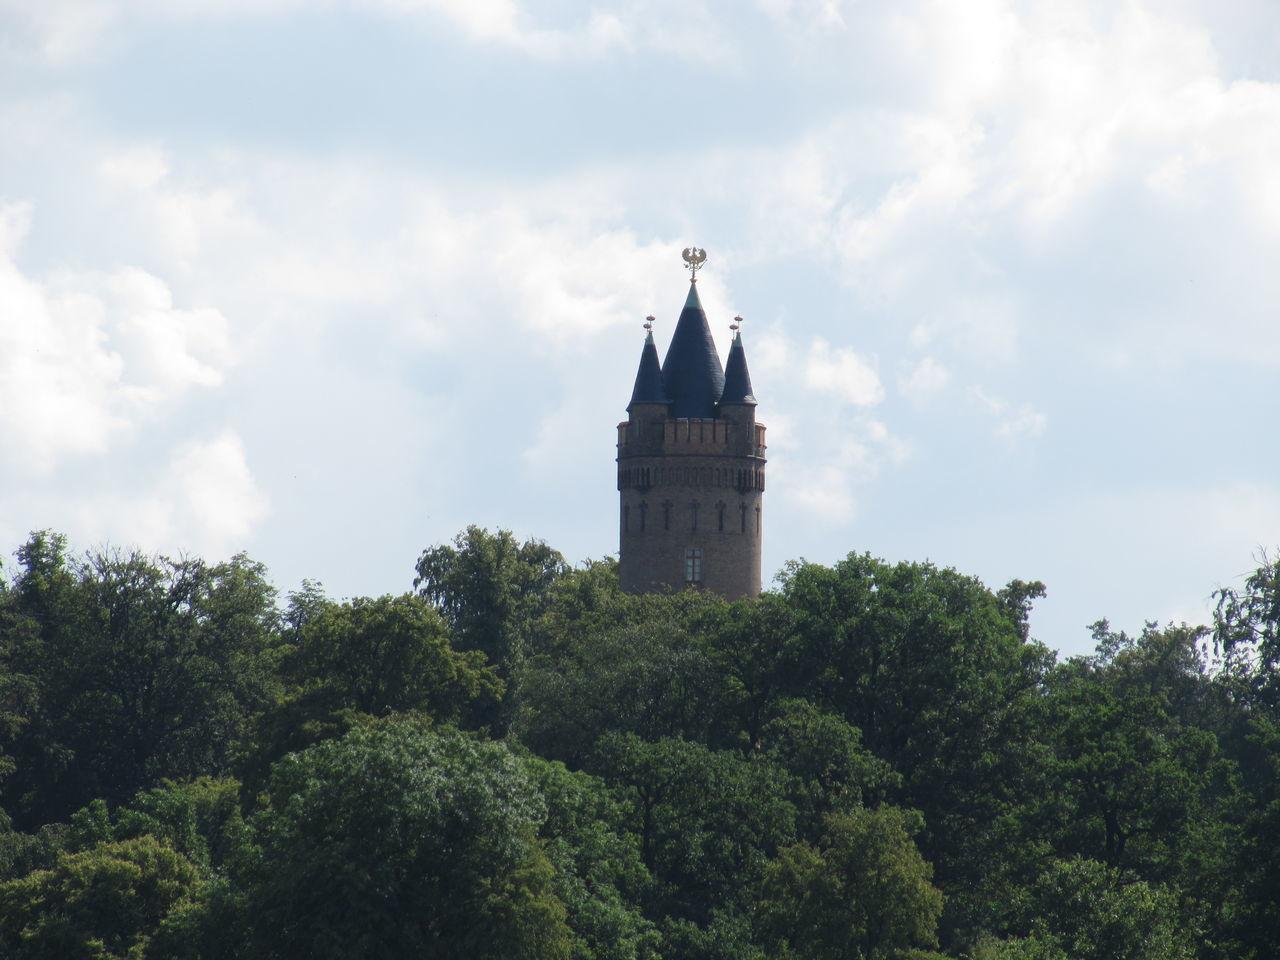 Babelsberg Cloudy Flatowturm Park Potsdam